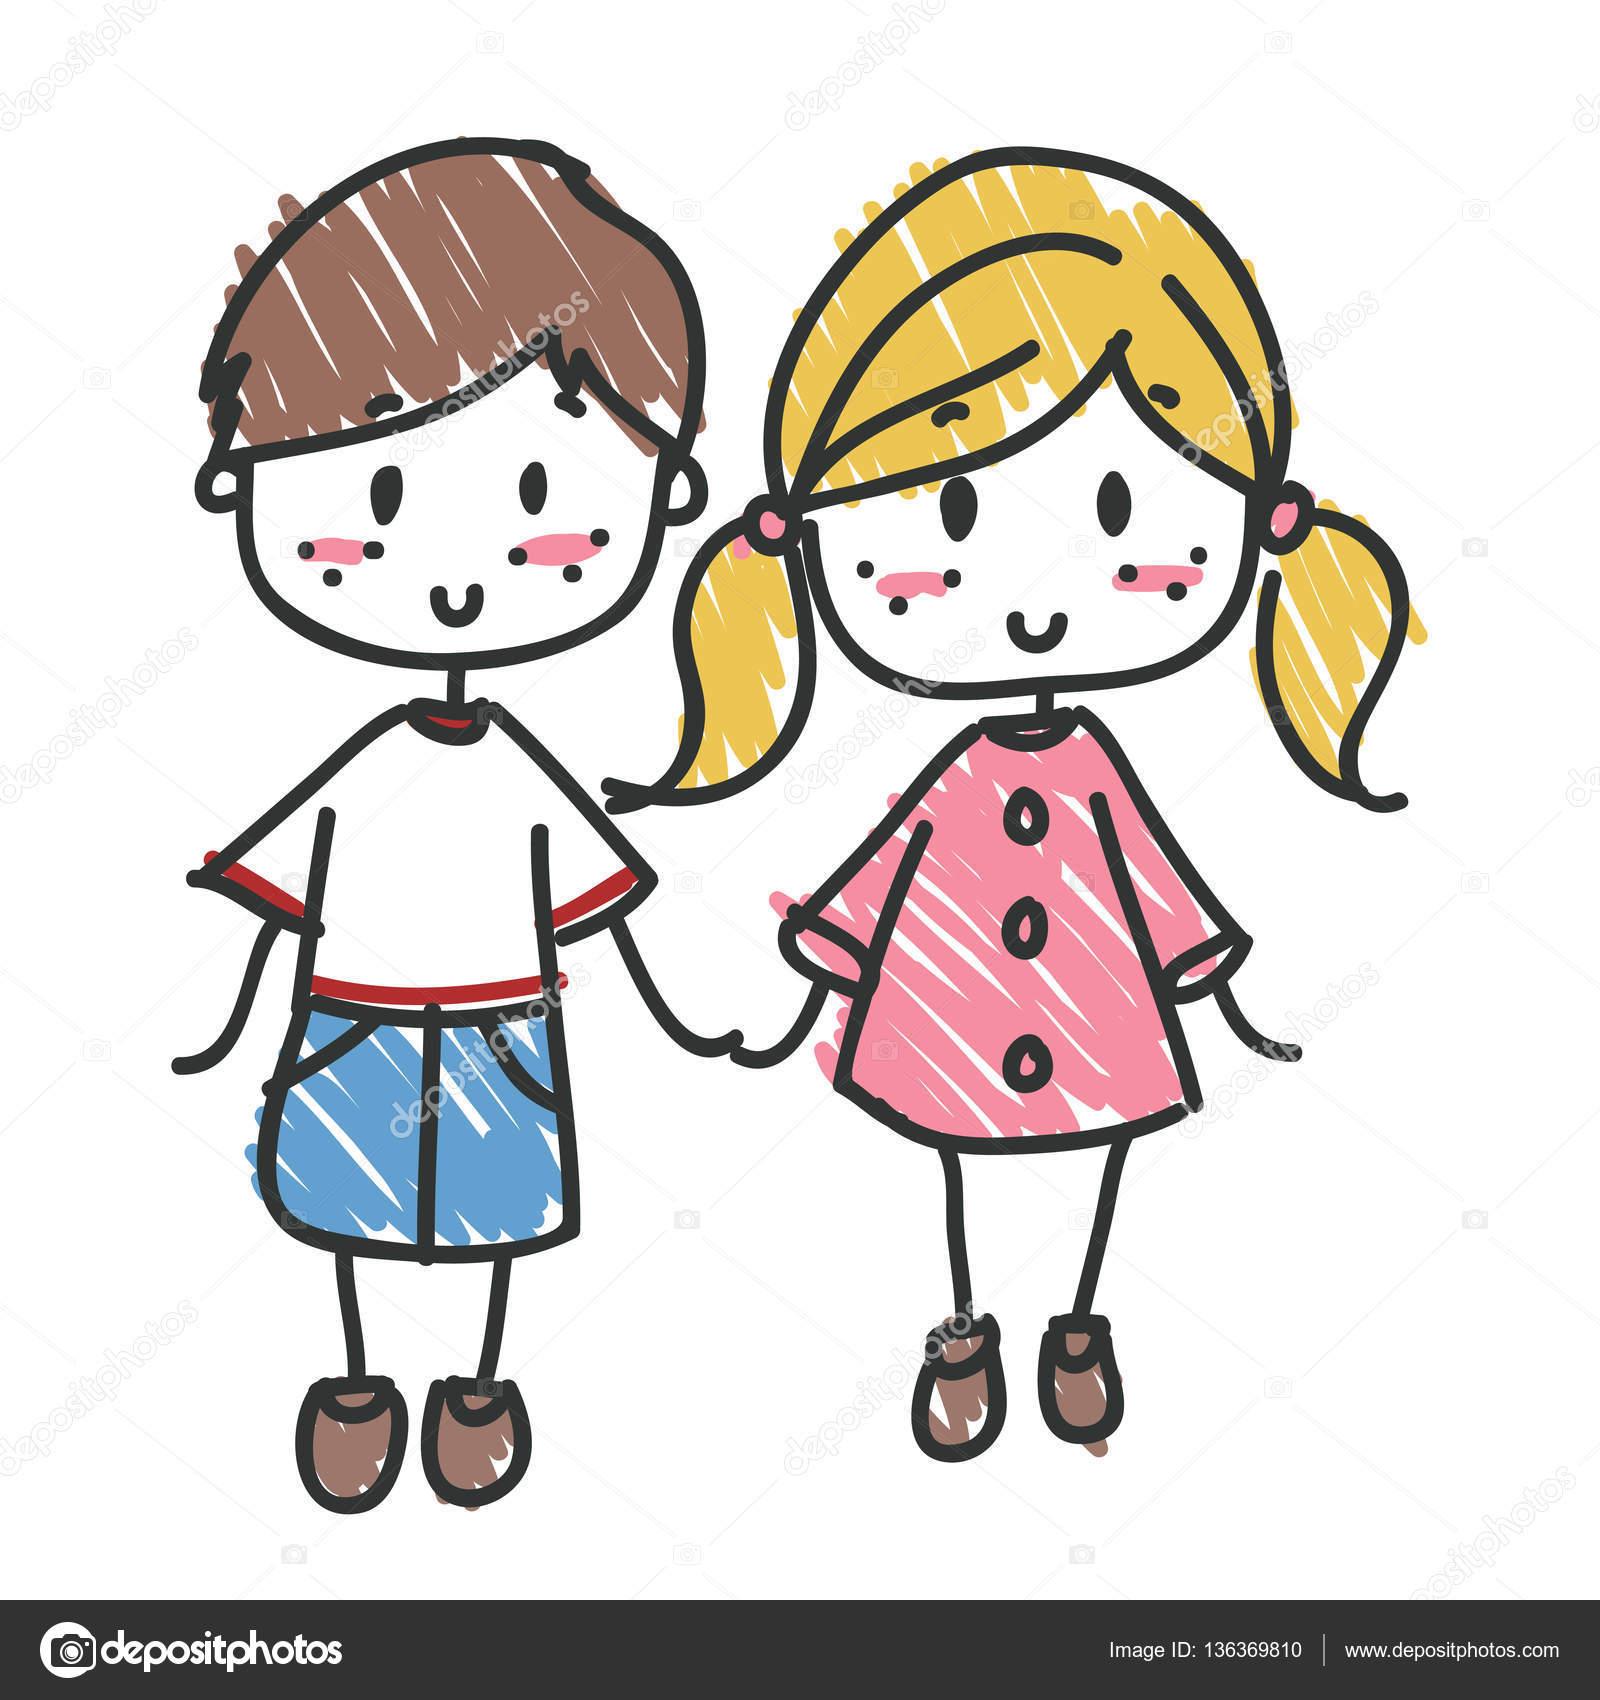 Fille et gar on de l amiti image vectorielle snoopgraphics 136369810 - Dessin fille et garcon ...